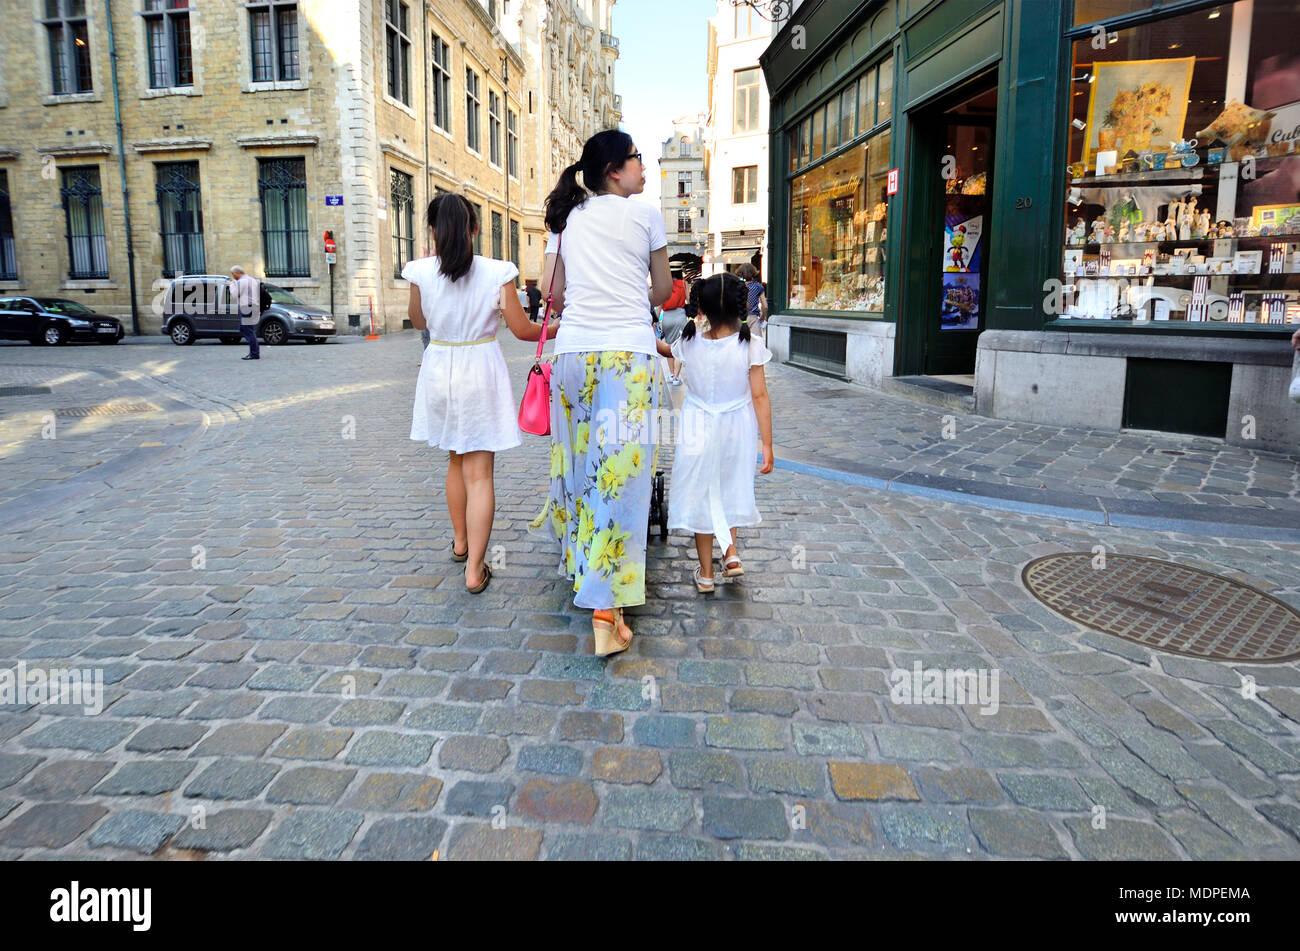 Brüssel, Belgien. Asiatische Familie - Mutter und zwei Töchter Stockbild